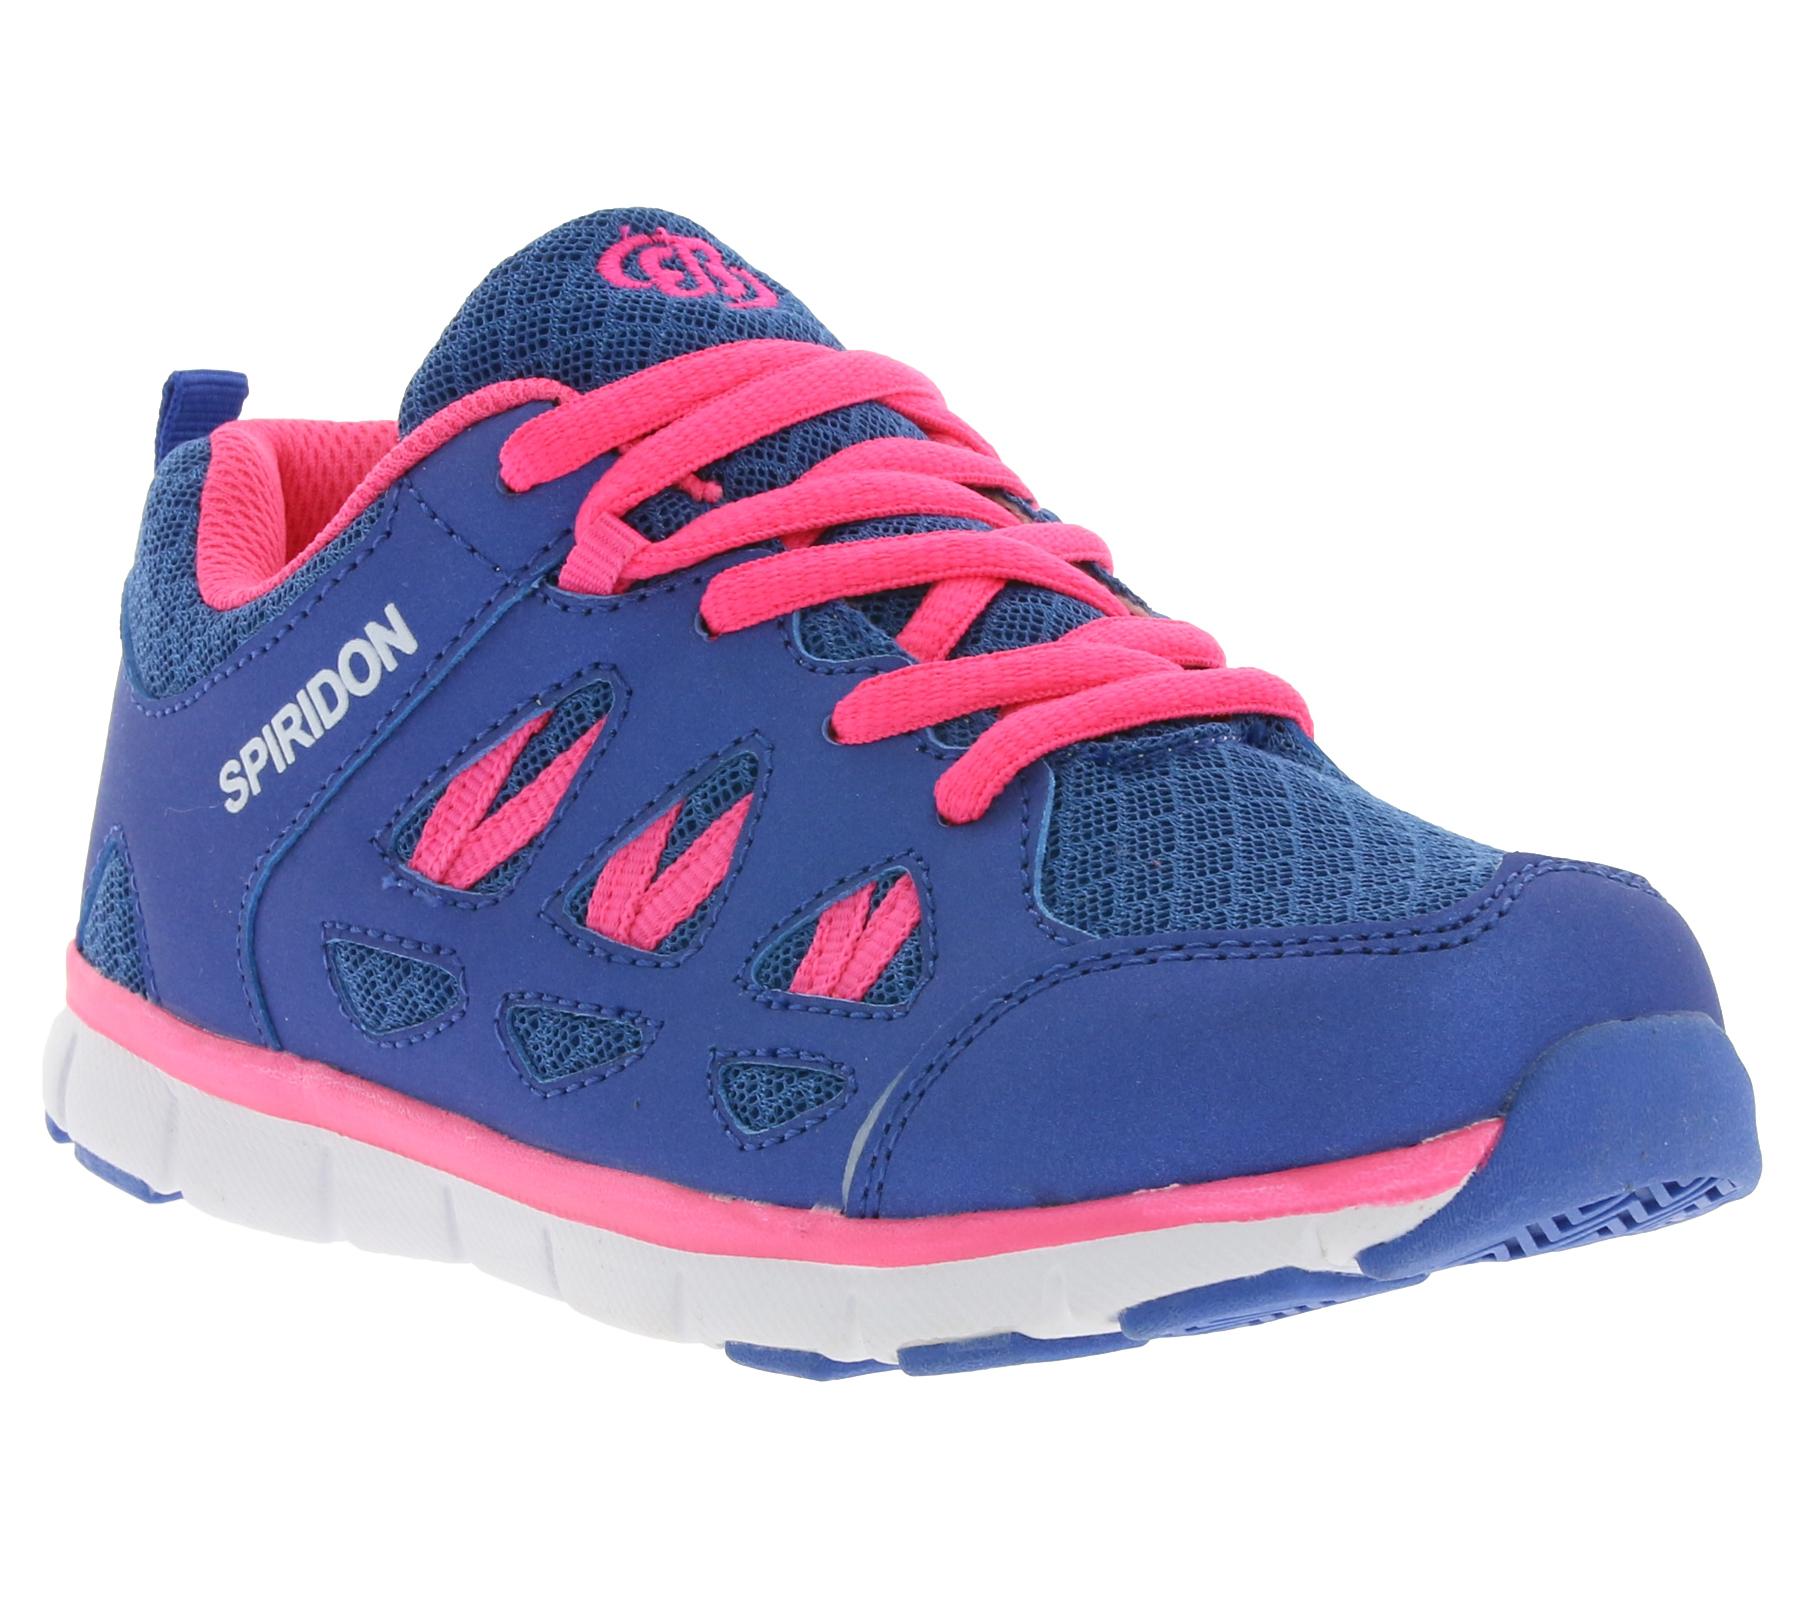 Brütting Schuhe für die ganze Familie ab nur 9,99 Euro bis 19,99 Euro @outlet46